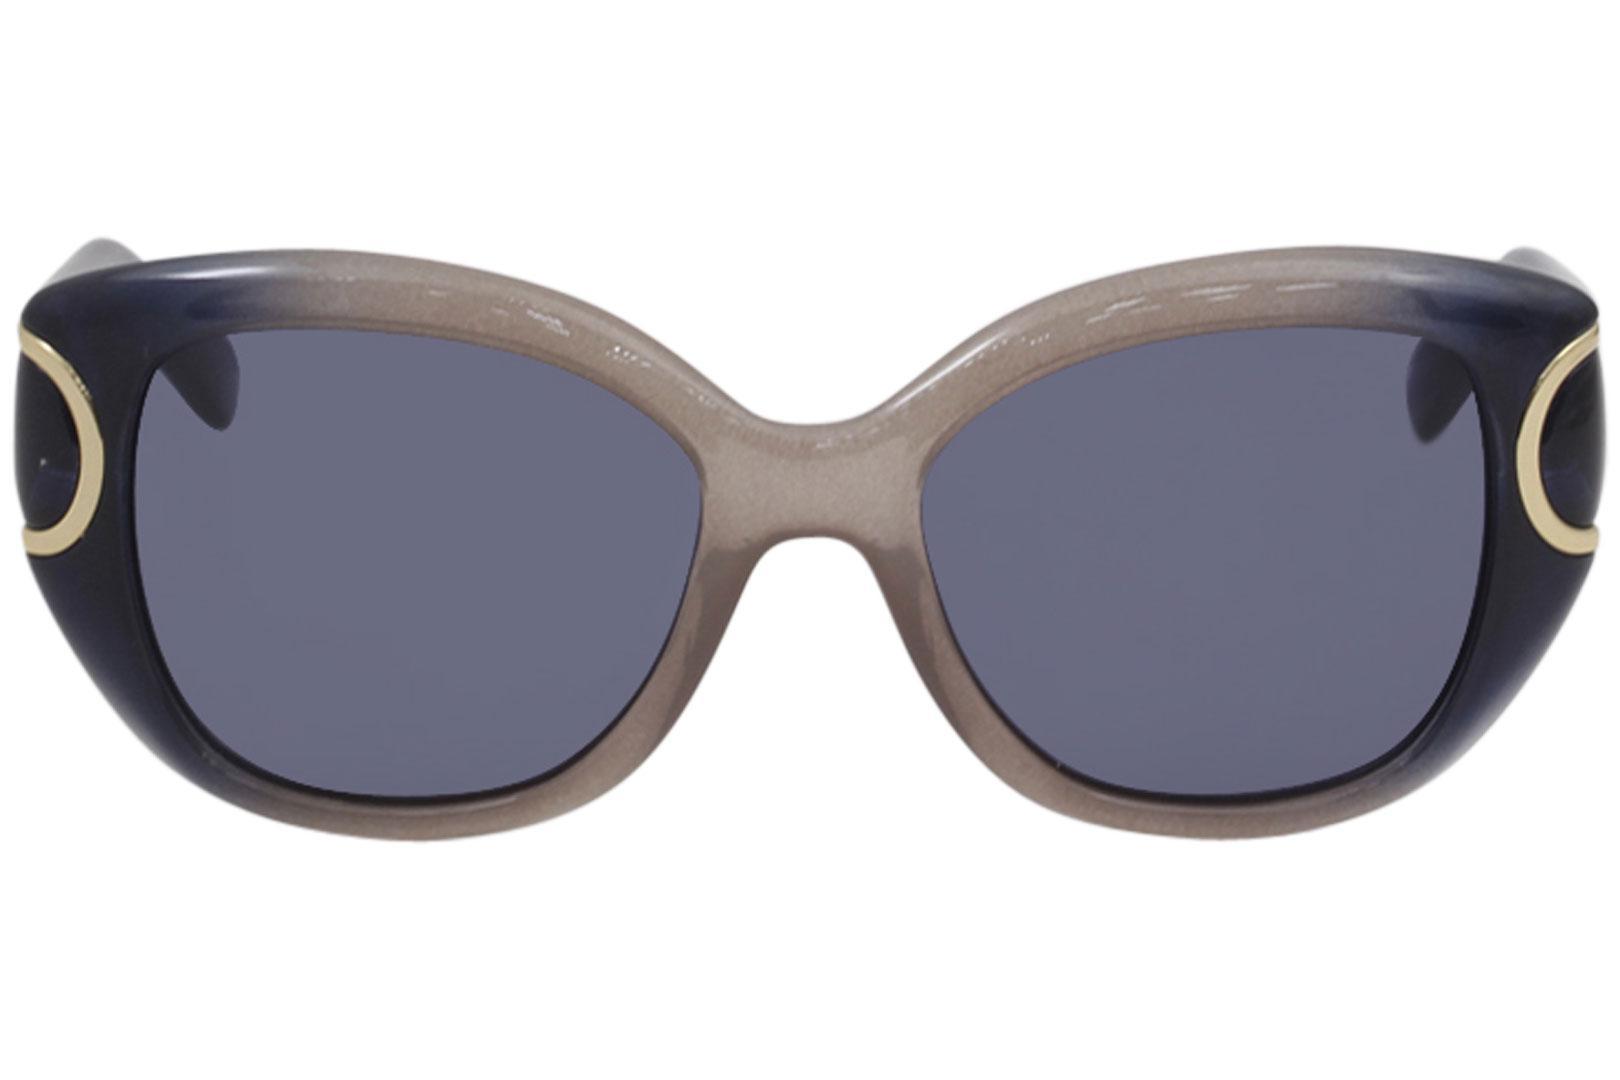 2fa4869dcd5 Salvatore Ferragamo Women s SF819S SF 819 S Fashion Square Sunglasses by Salvatore  Ferragamo. 12345